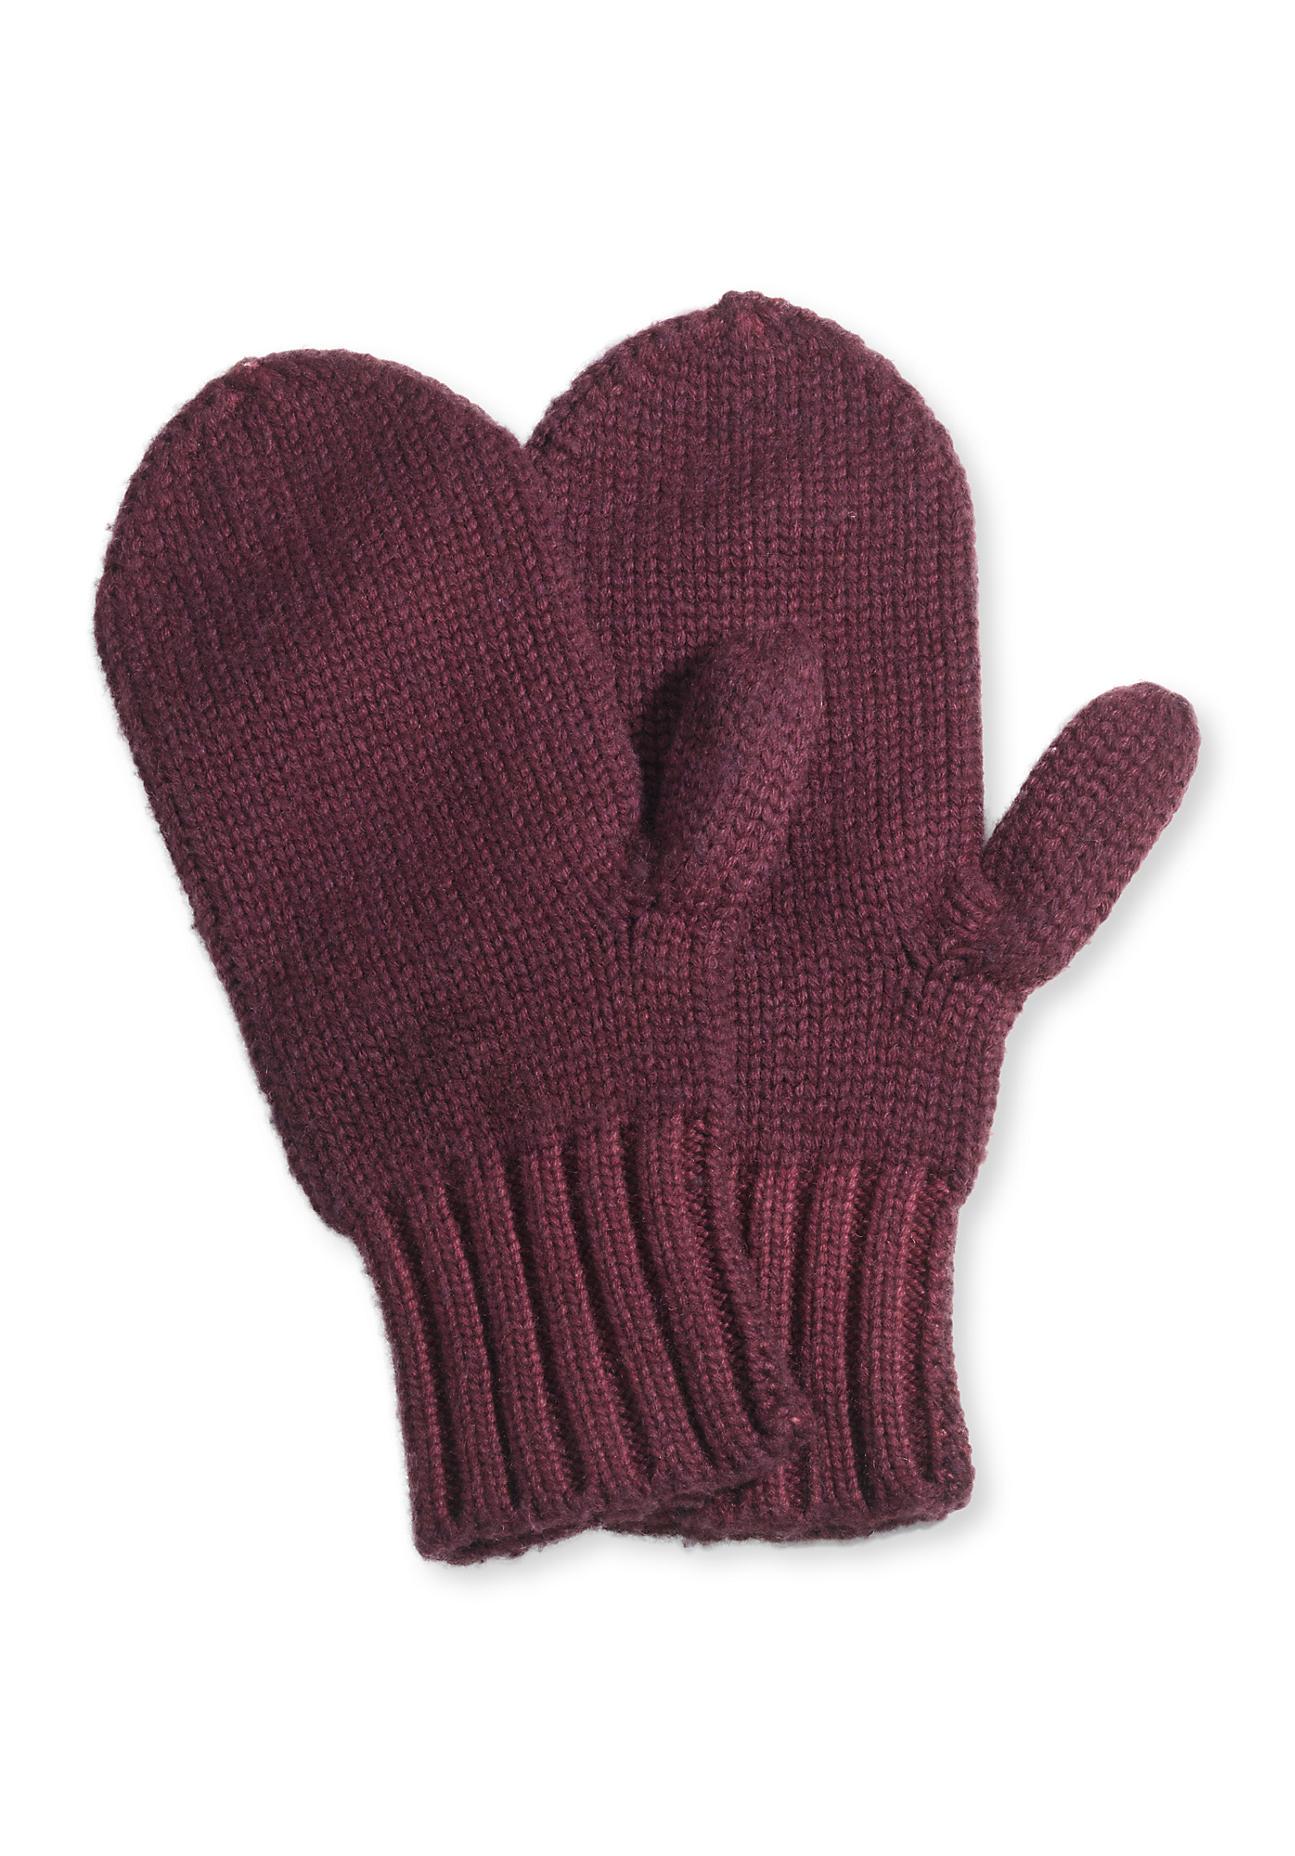 Handschuhe für Frauen - hessnatur Damen Fäustlinge aus Schurwolle – rot –  - Onlineshop Hessnatur